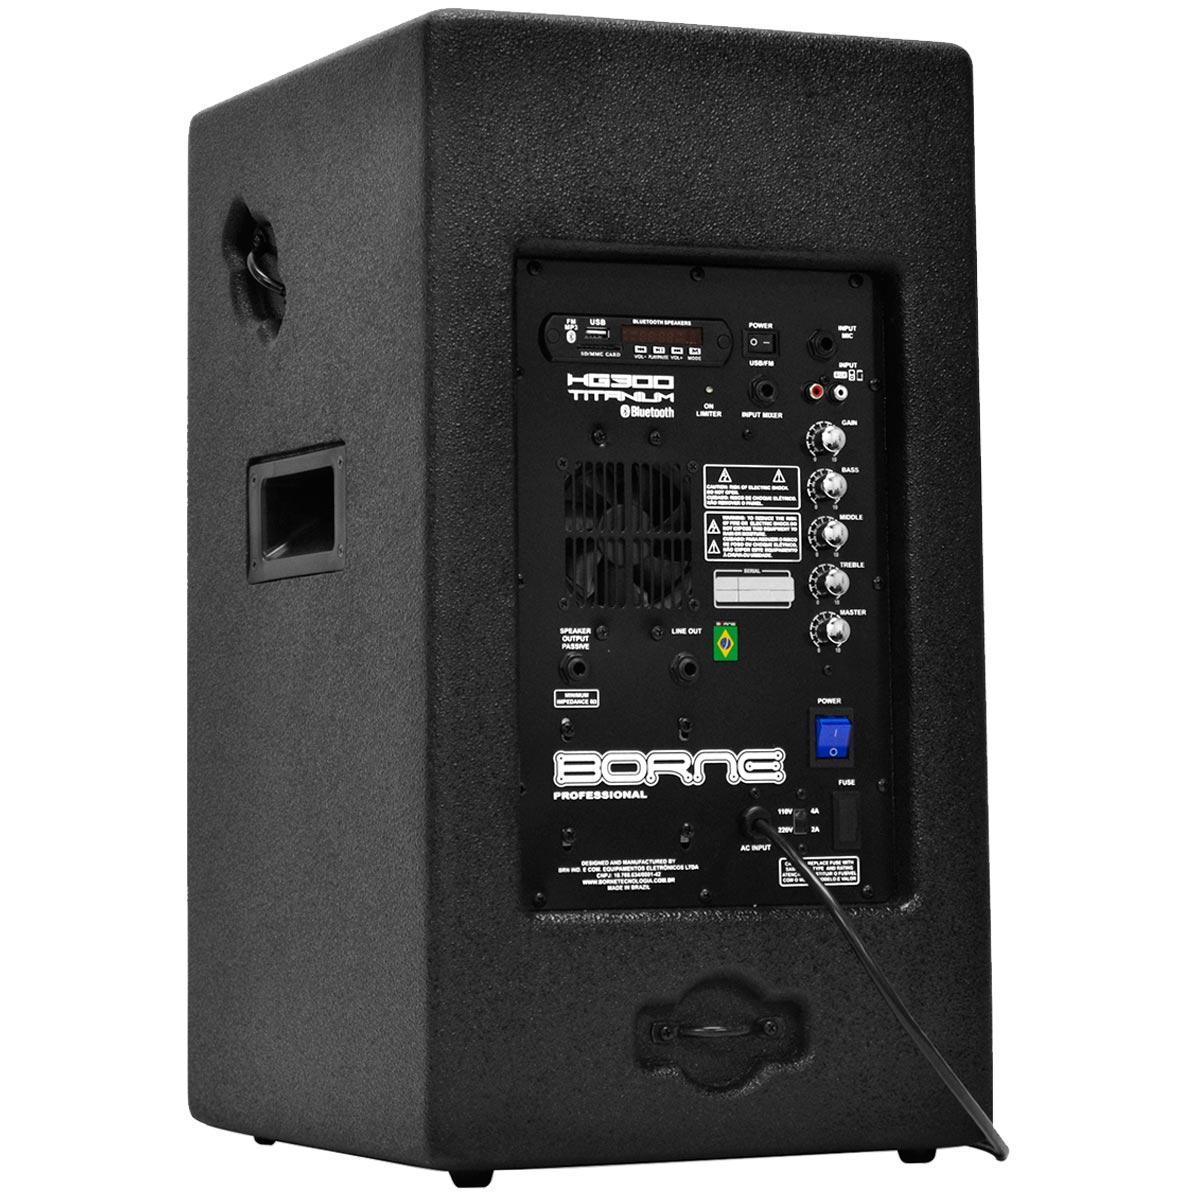 HG300 - Caixa Ativa 200W c/ Bluetooth e USB HG 300 Titanium BT - Borne